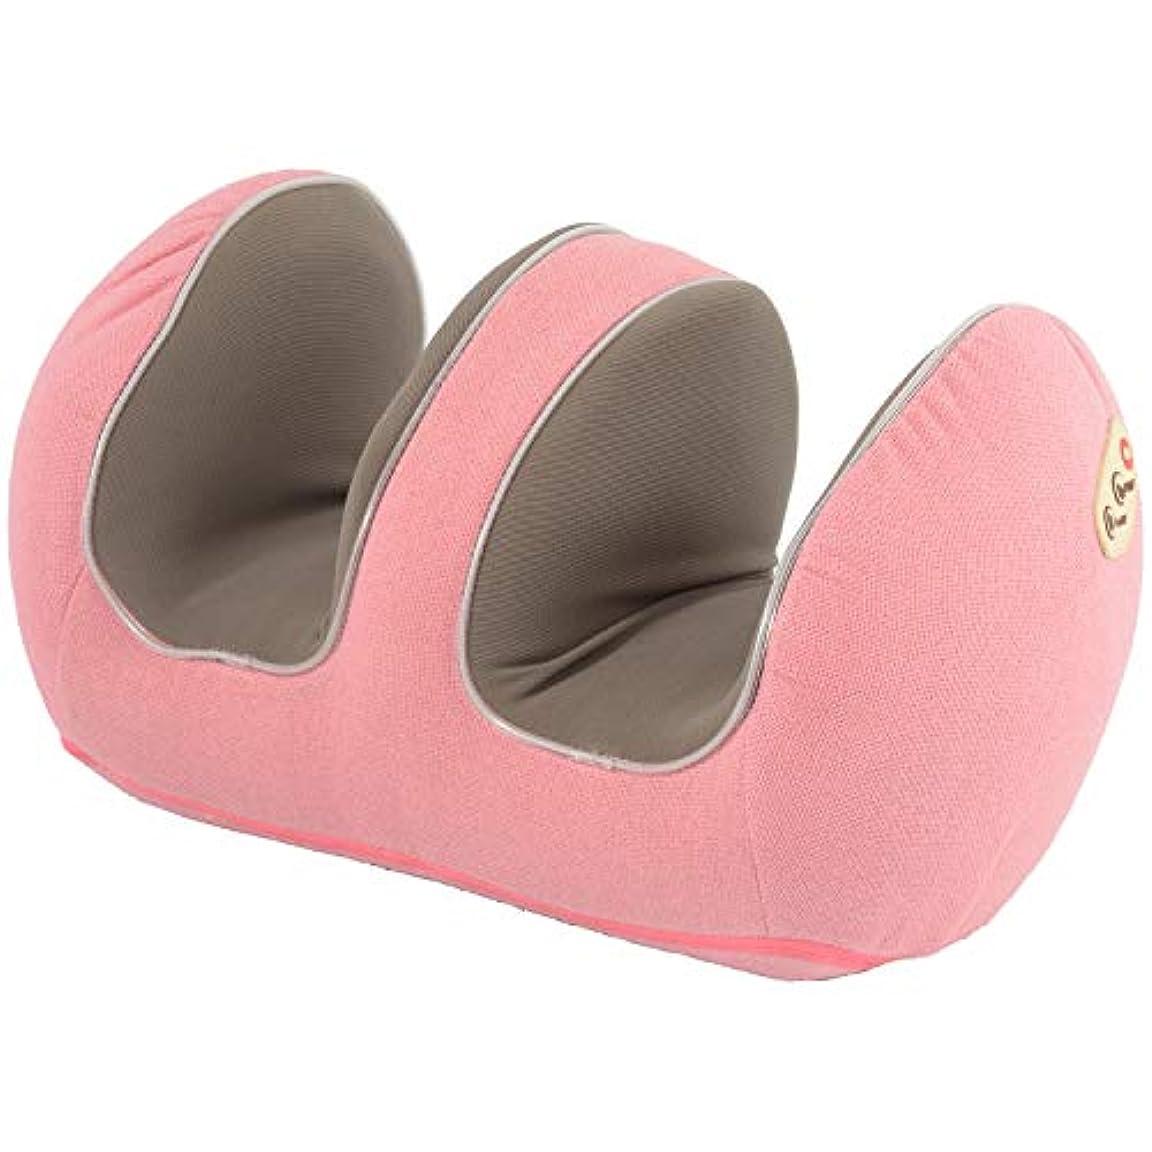 山善 エアーマッサージャー AIR FOOT CARE FM-A018E(P) ピンク FM-A018E(P)